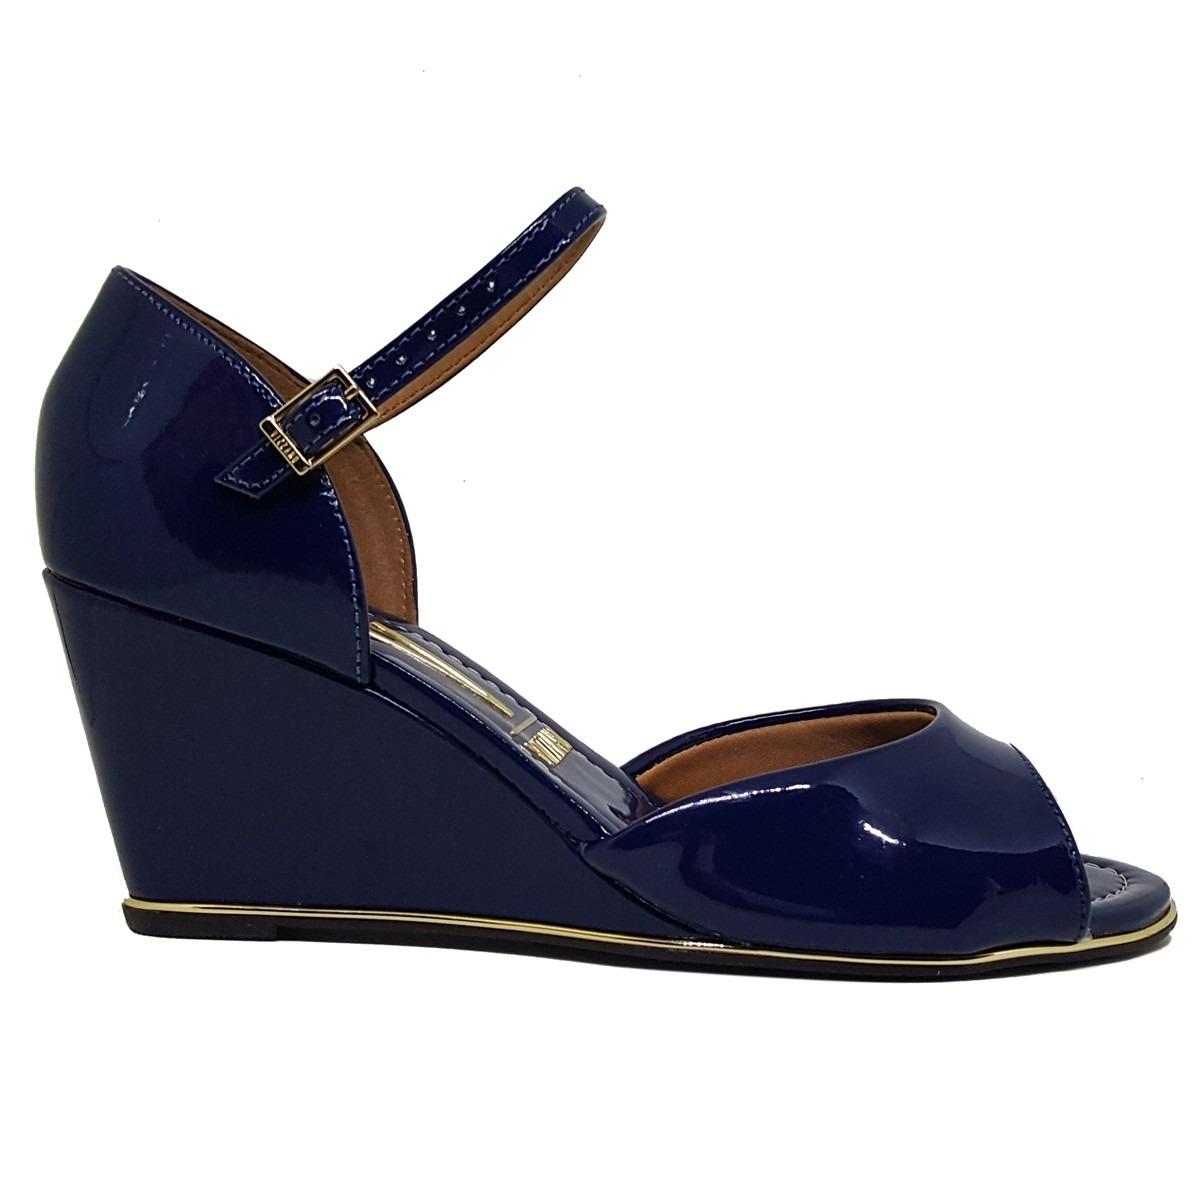 0cc41c6d61 sandália anabela feminina vizzano azul marinho 6271-111. Carregando zoom.